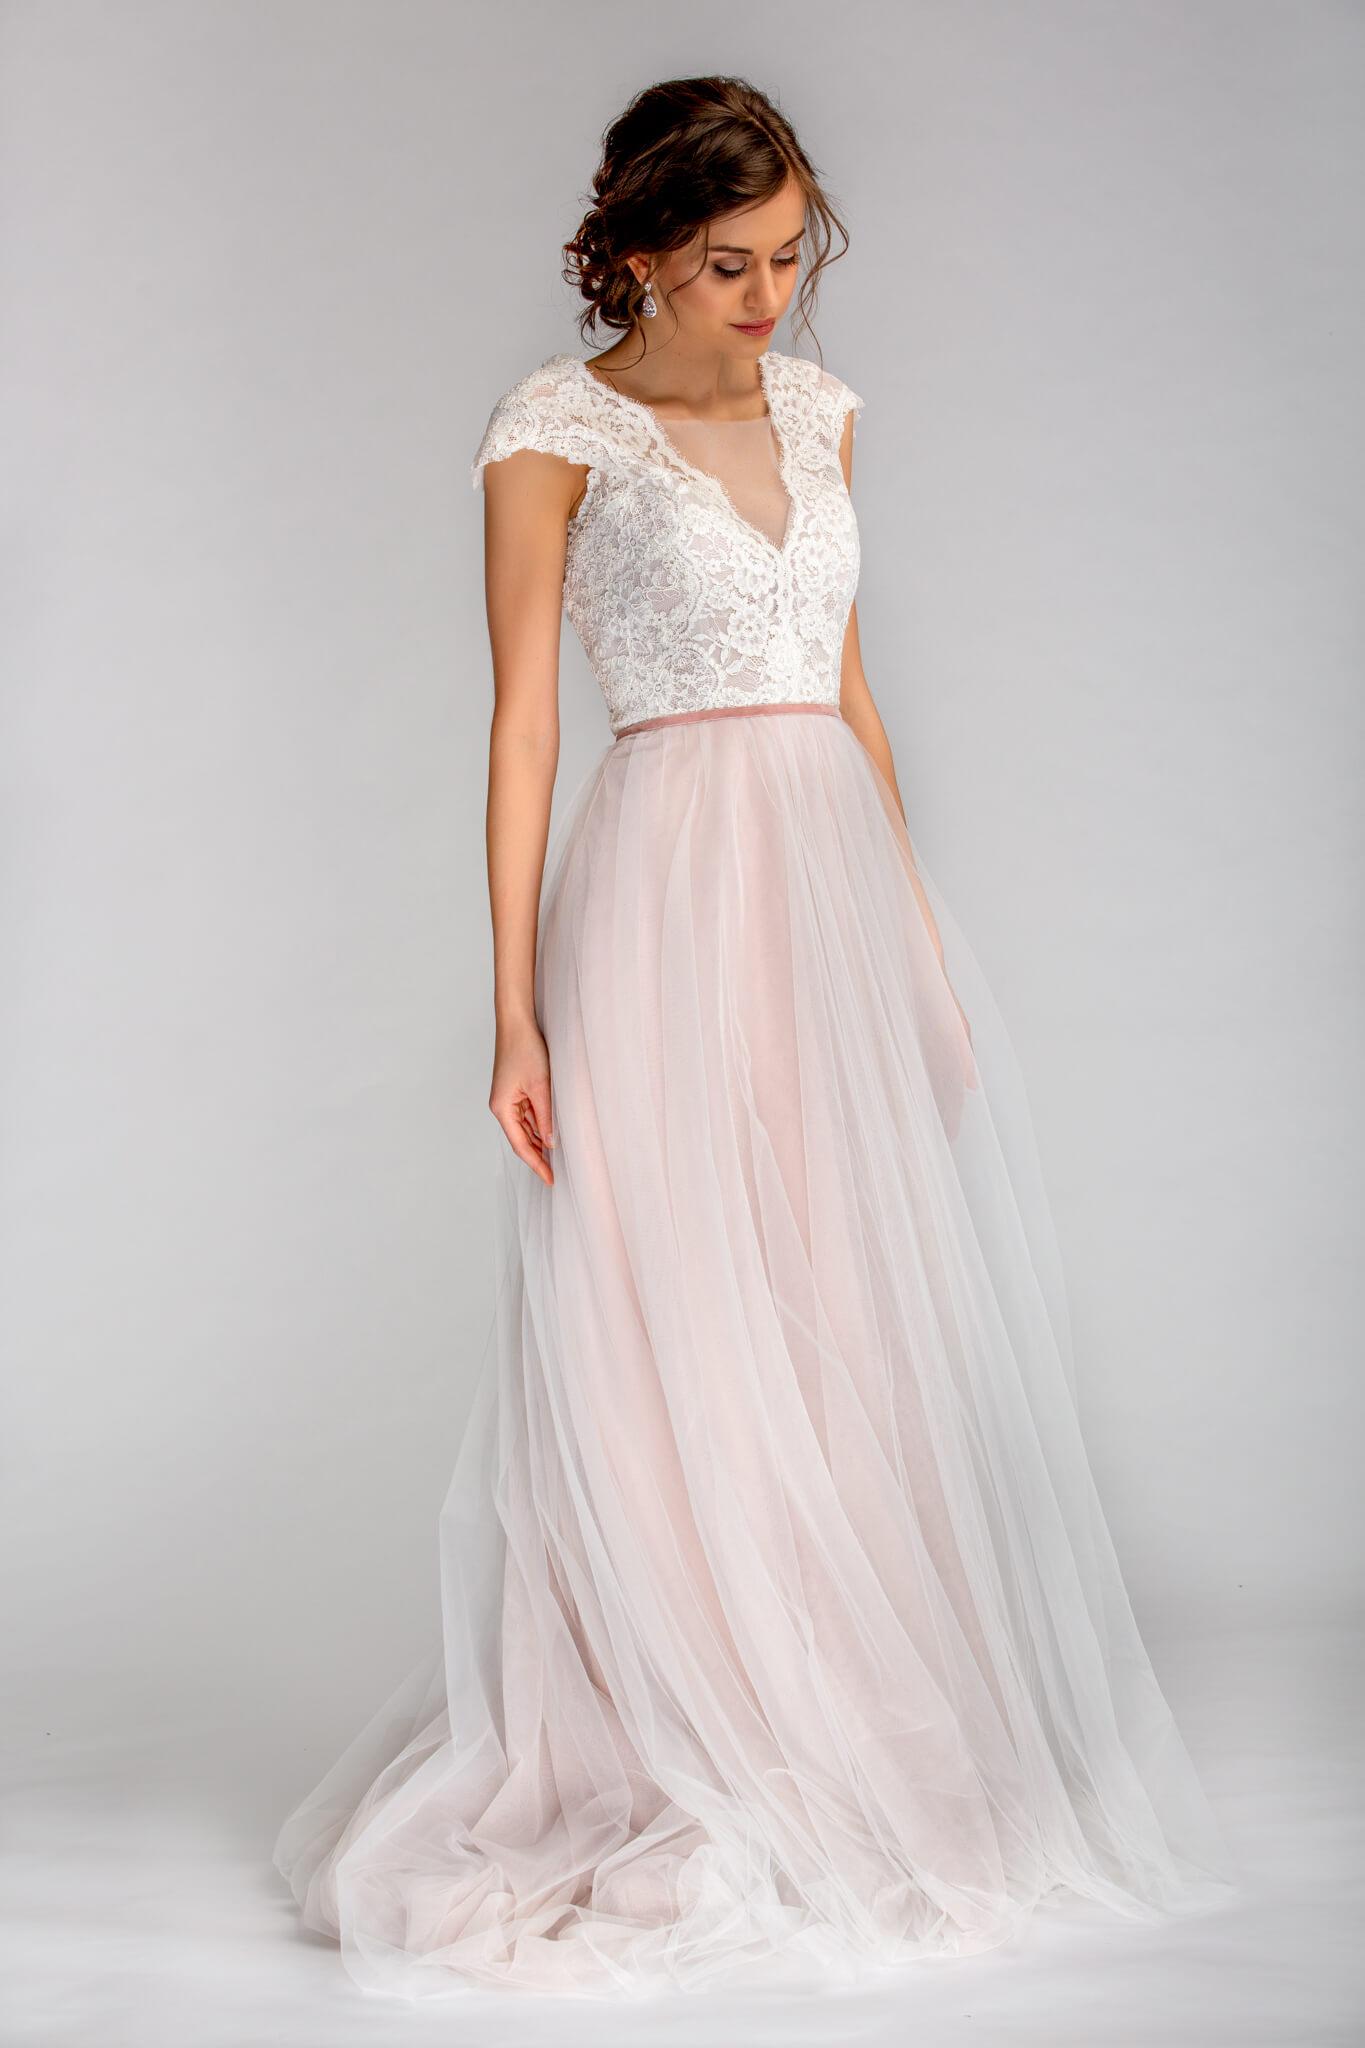 Hochzeitskleid Brautkleid Manna Bespoke Bridal Vienna